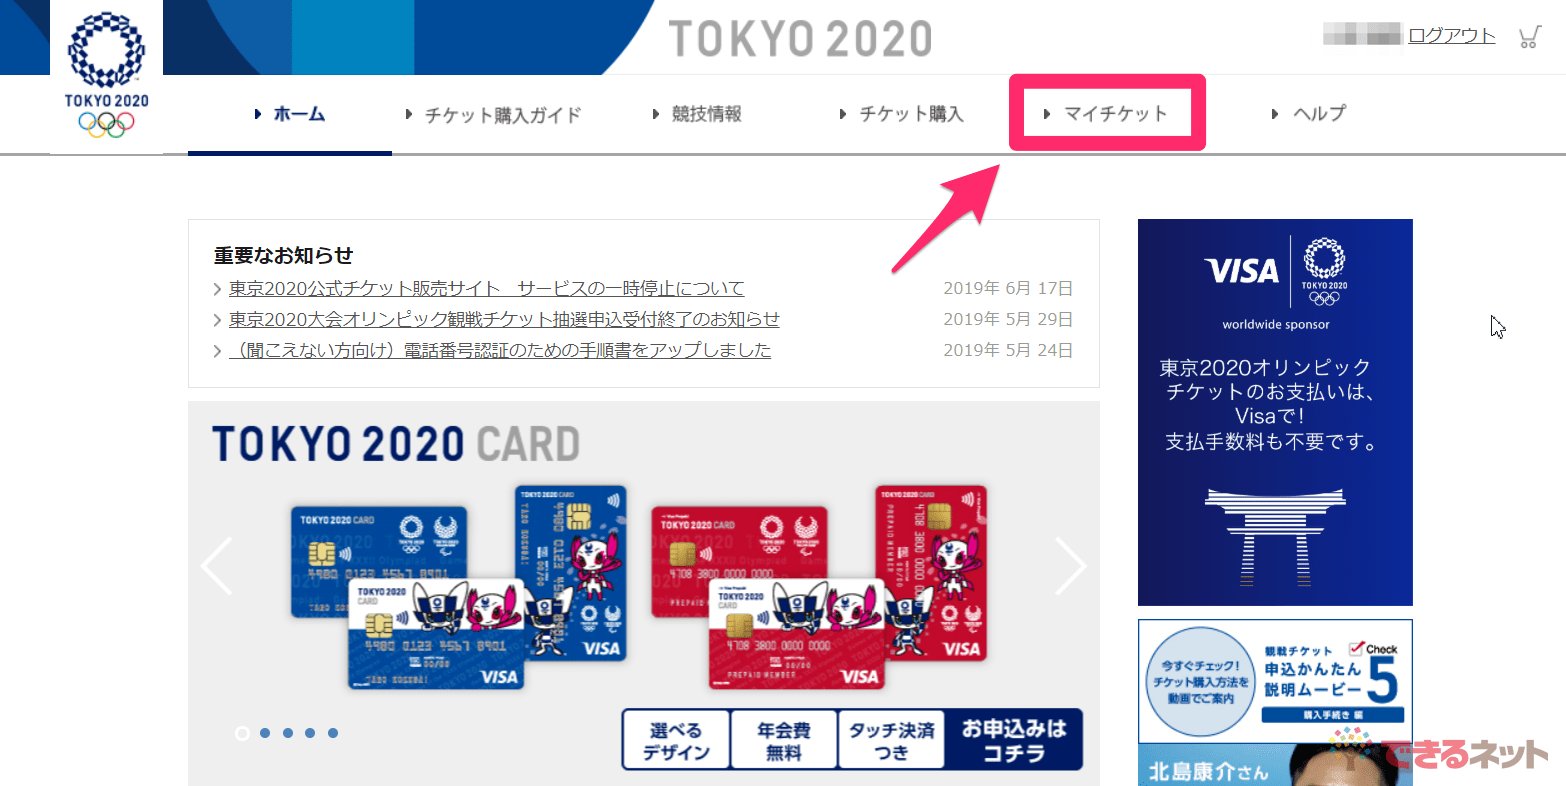 【東京オリンピック】6/20はチケット抽選結果発表! これだけは知っておきたい3つのポイント